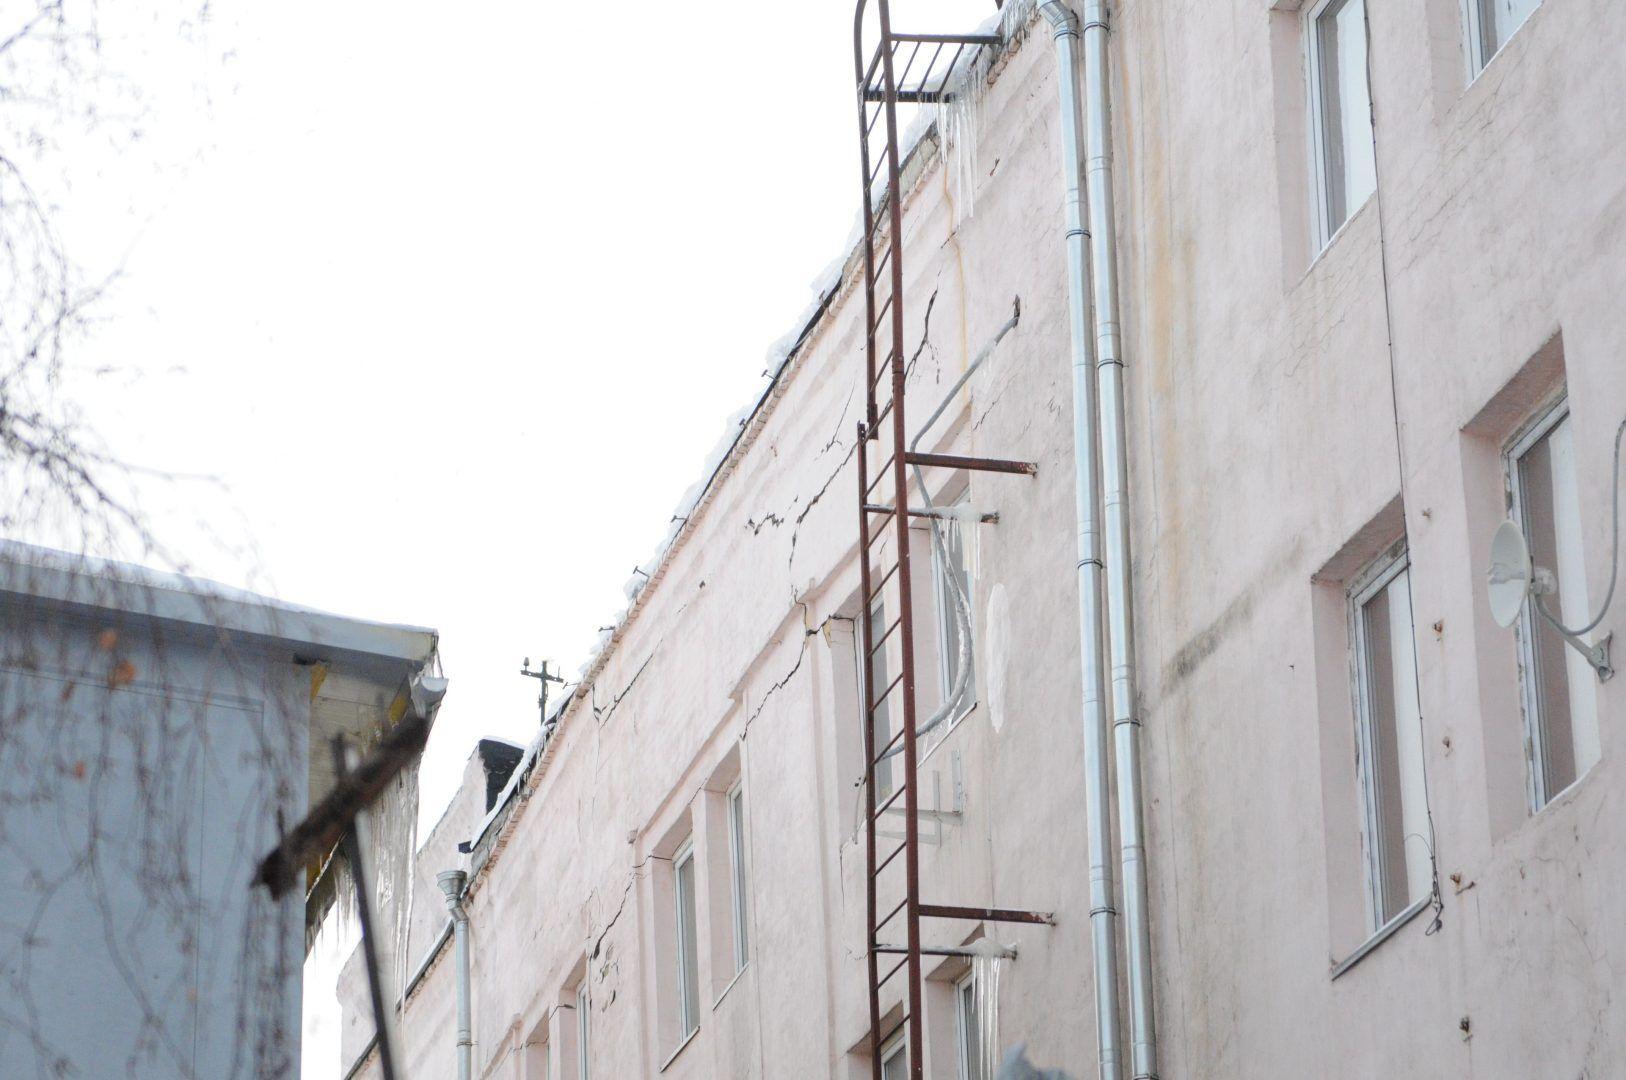 Специалисты отремонтируют фасады и кровли домов в Воскресенском. Фото: архив, «Вечерняя Москва»